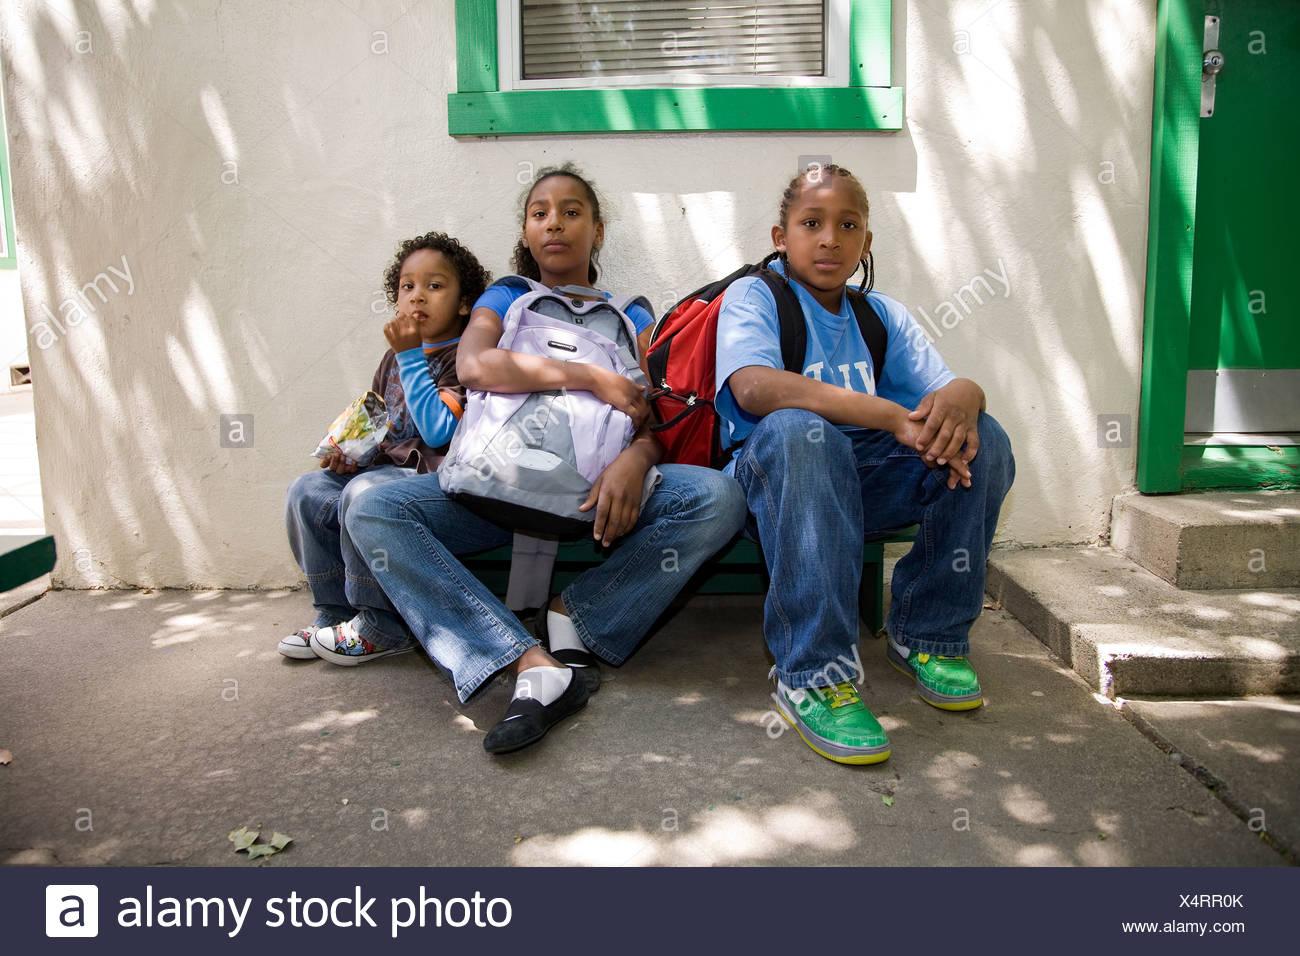 Selena Pina, una casa madre di quattro, con i suoi figli al seme di senape la scuola a pani e pesci nel Sacramento, CA. Foto Stock